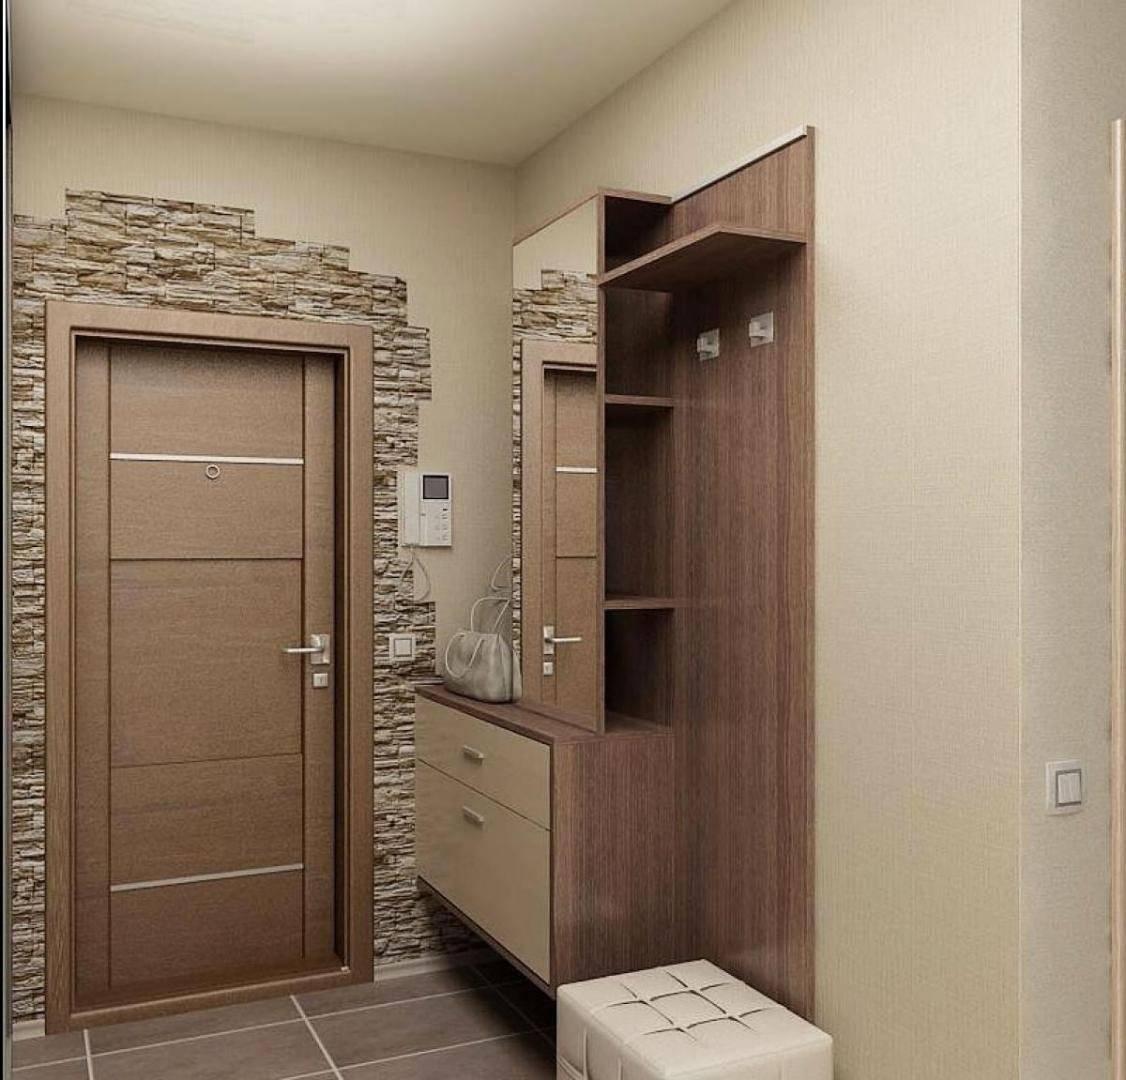 Мебель в коридор – примеры вариантов оригинальной, красивой и современной меблировки для прихожих и коридоров (135 фото)